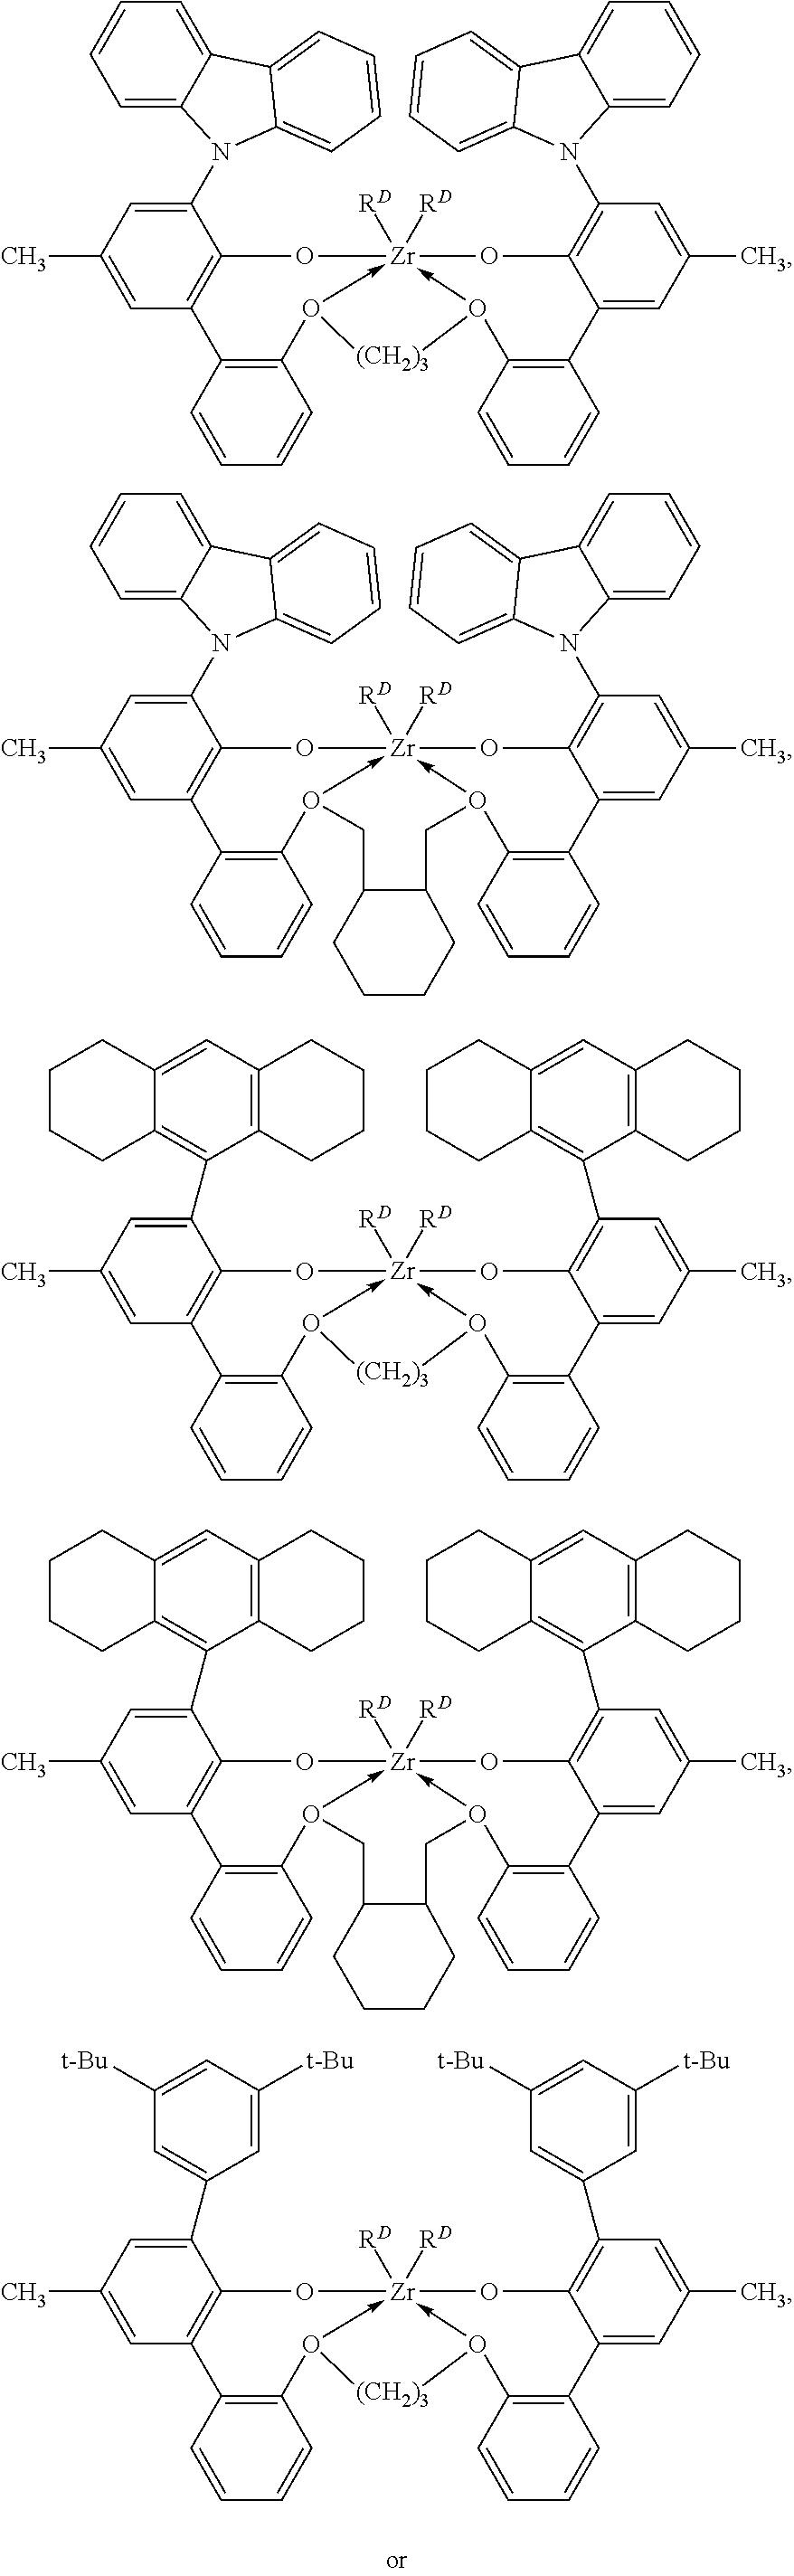 Figure US08299189-20121030-C00011